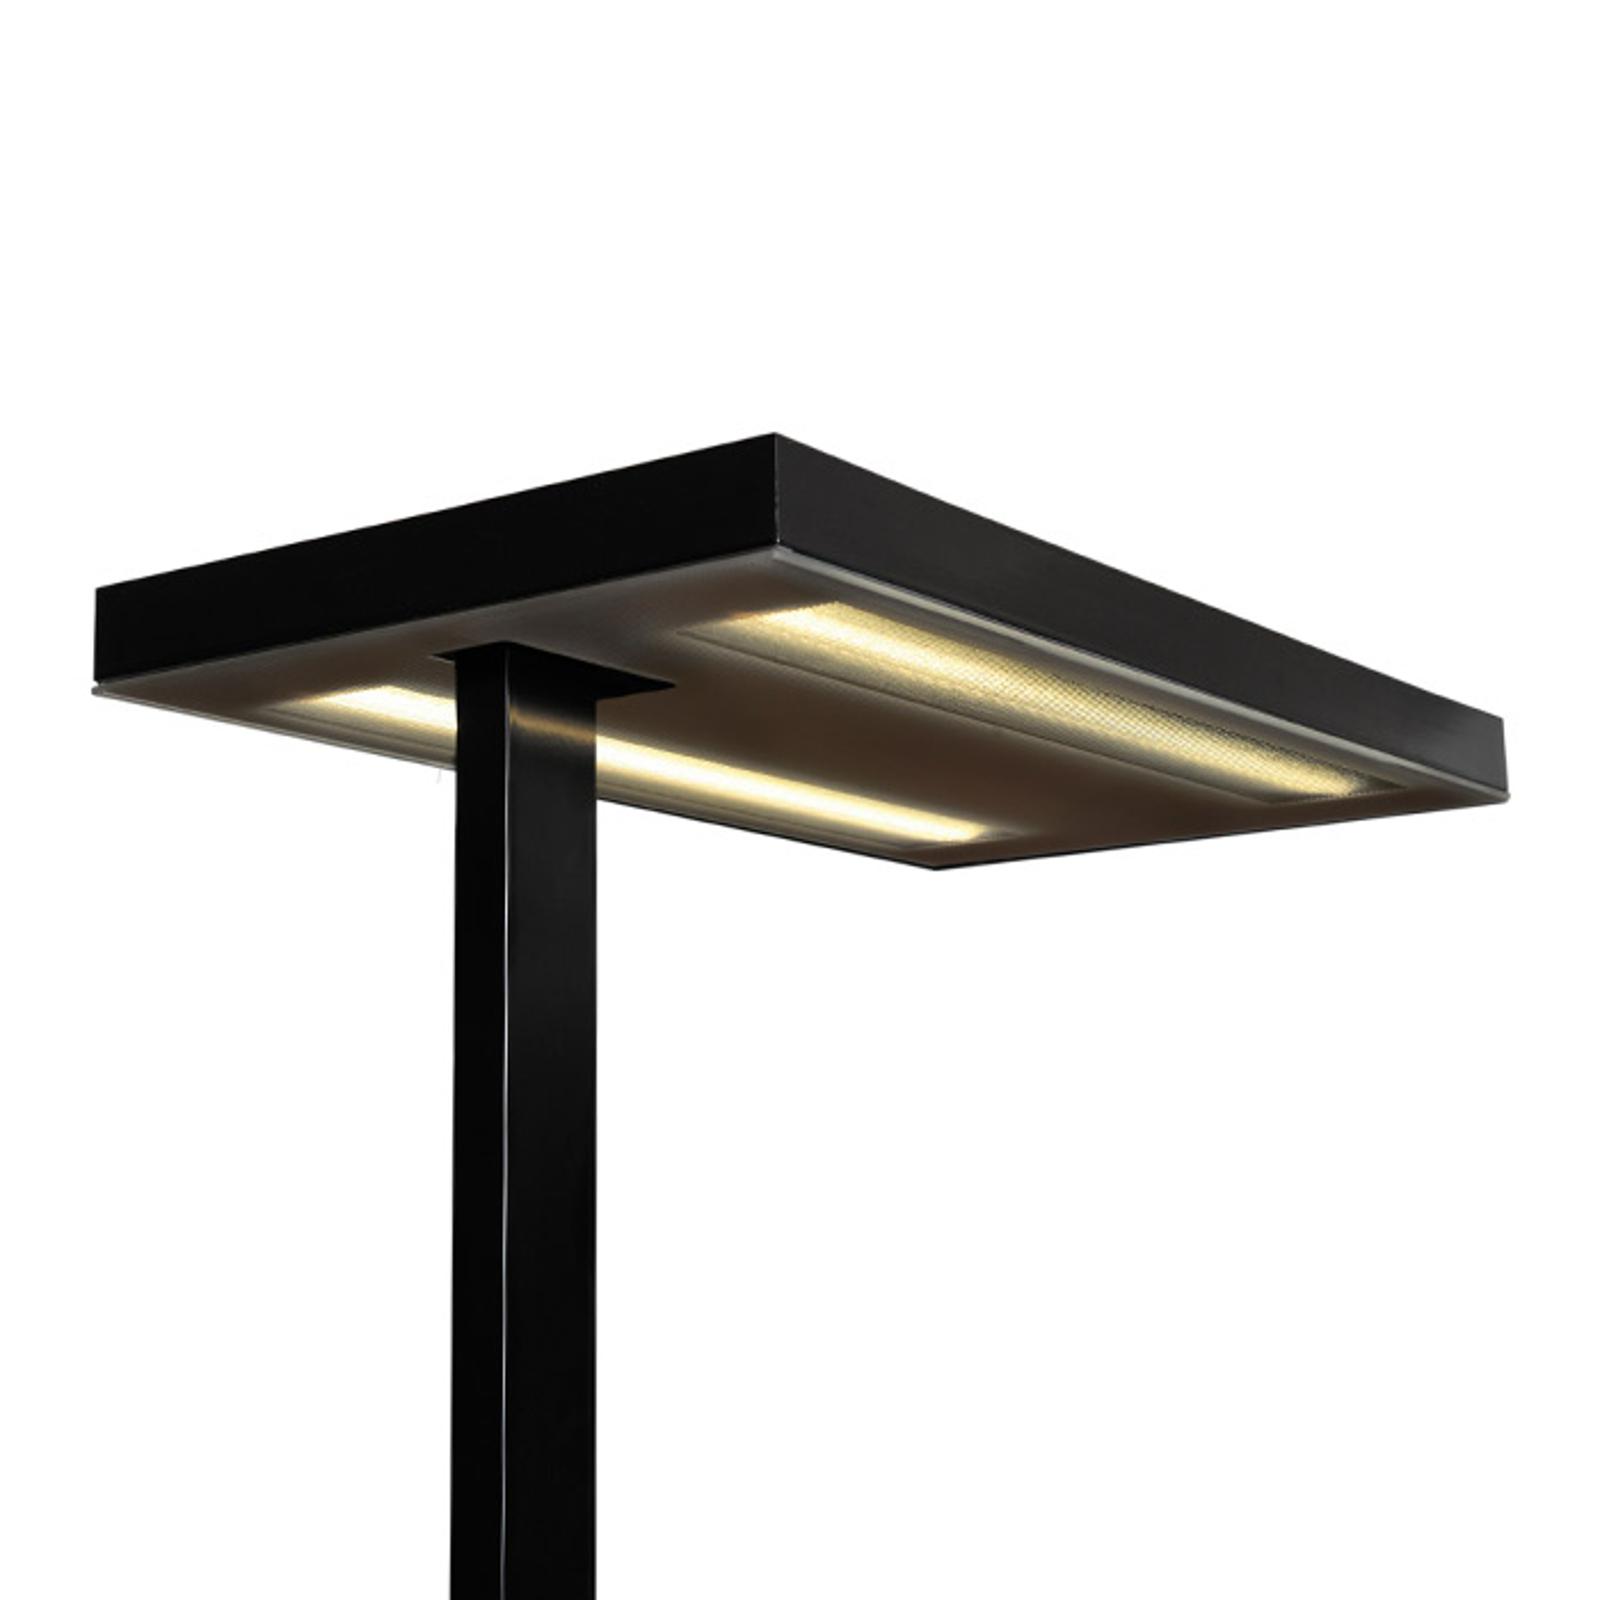 Vloerlamp Free-F LED10000 HFDd 840 SD zwart